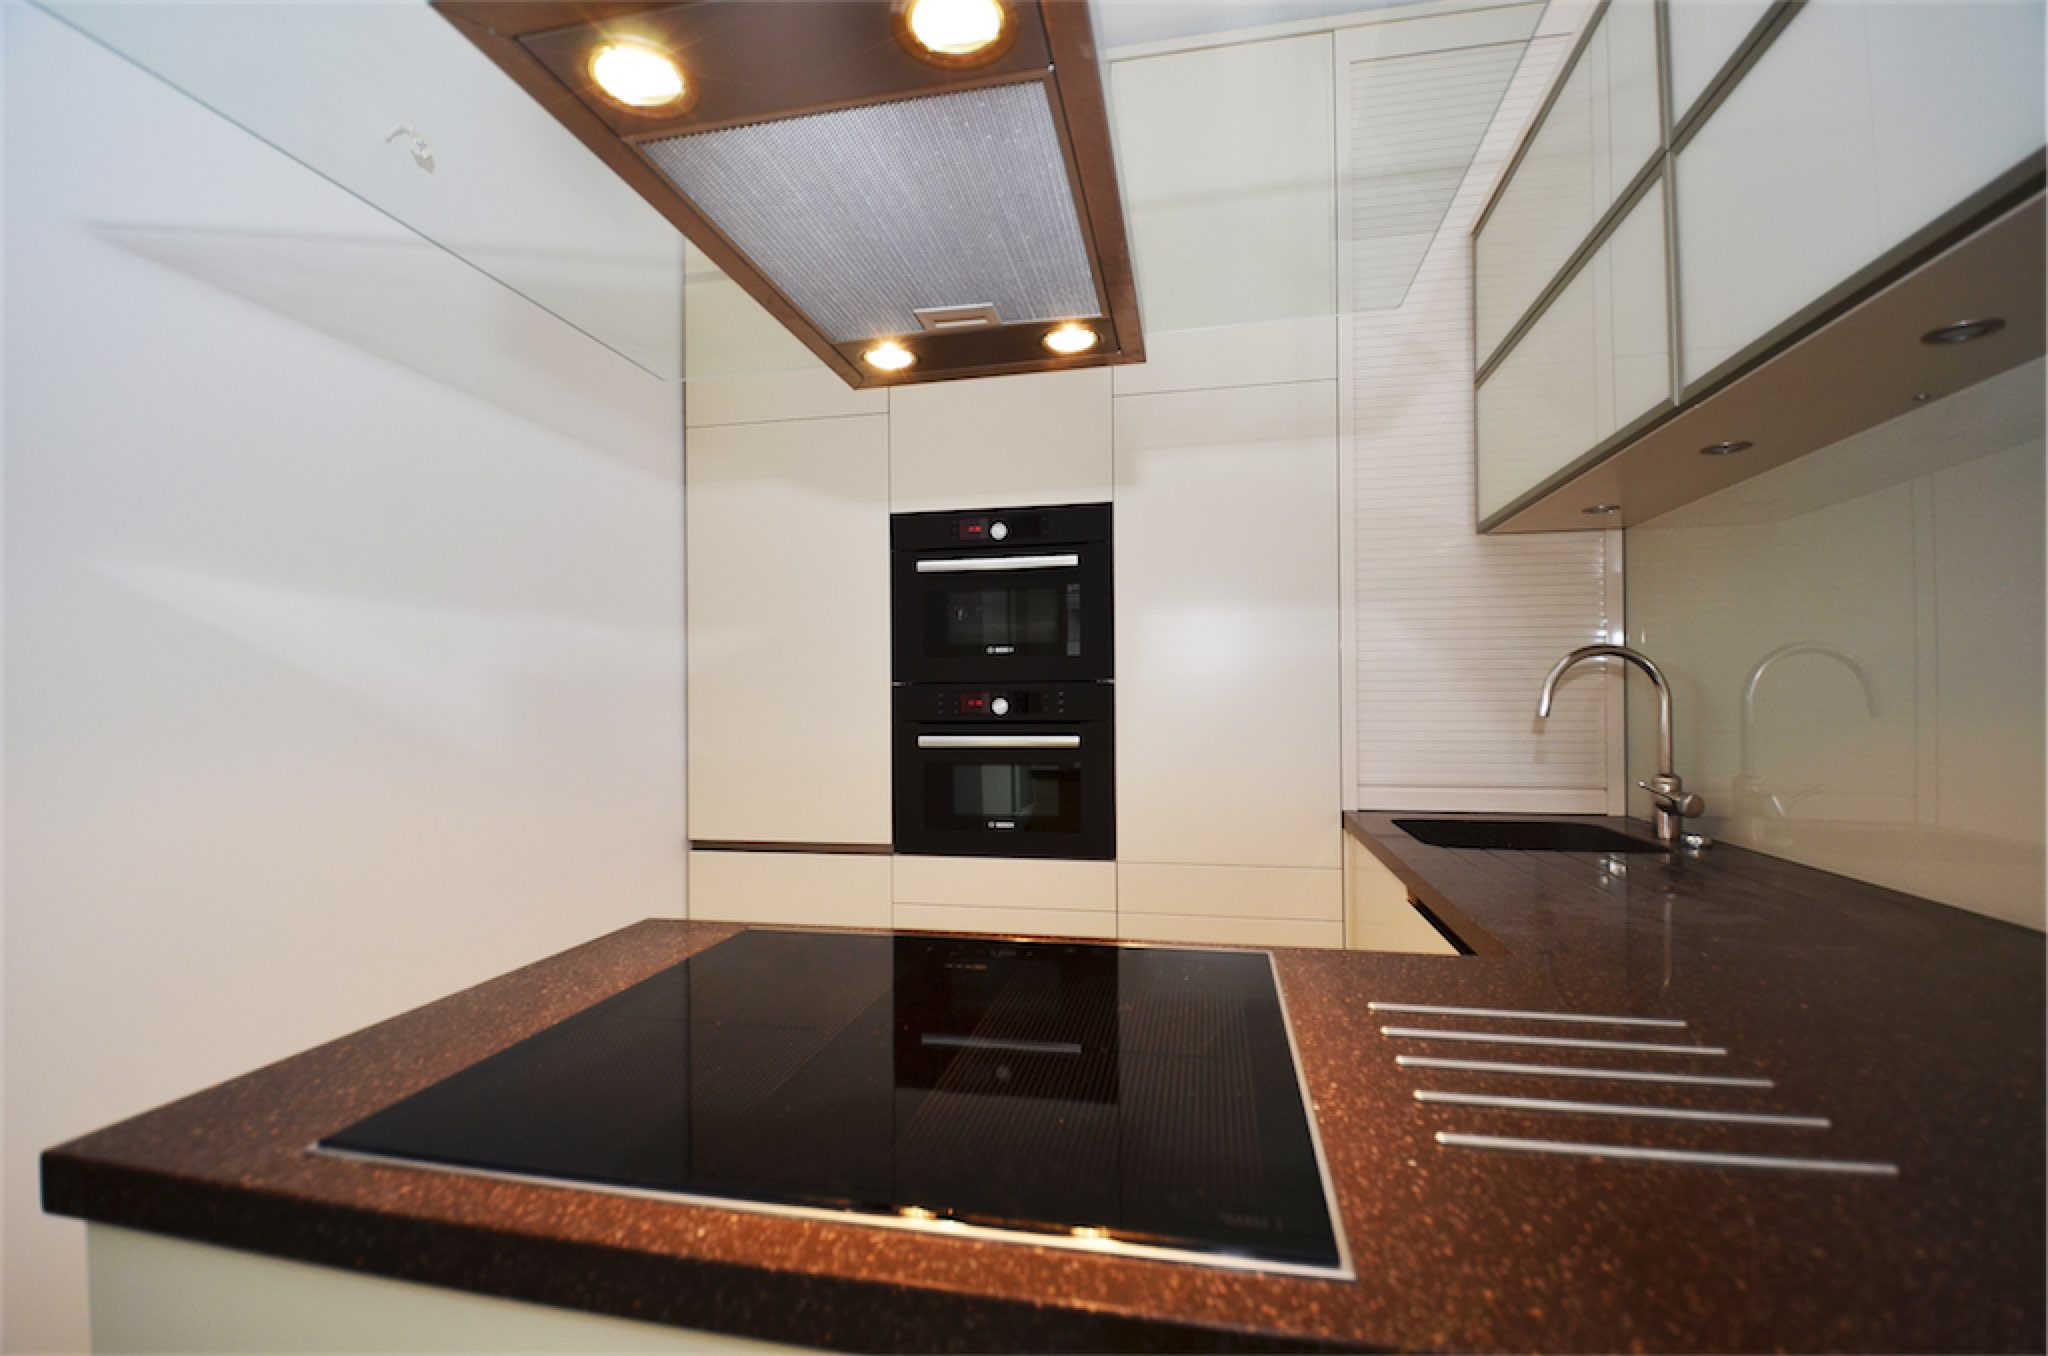 Küche mit Arbeitsplatte